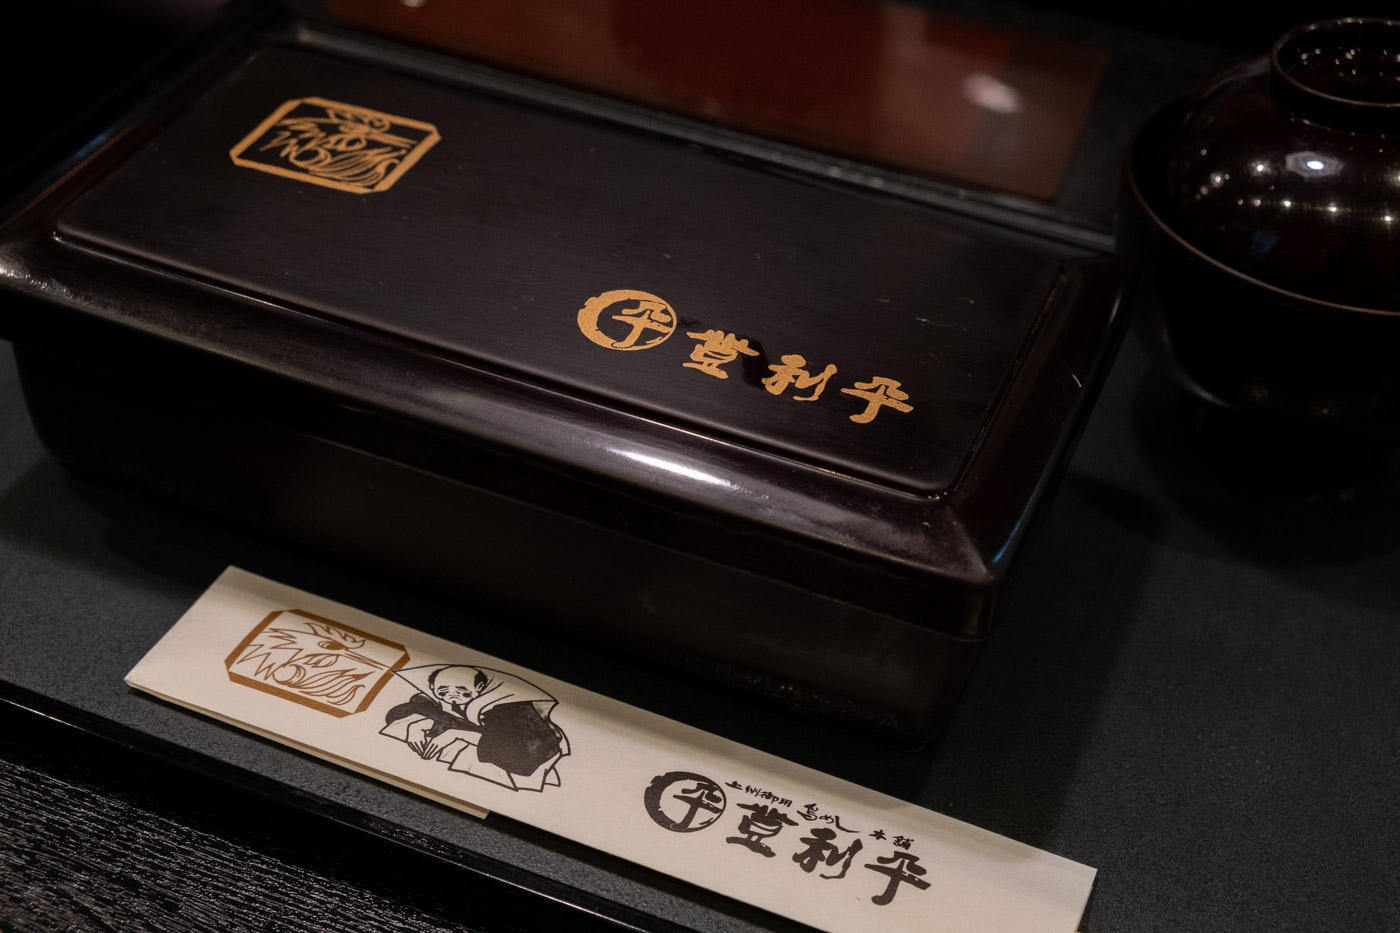 登利平(アズ熊谷店)の鳥めし松重の重箱